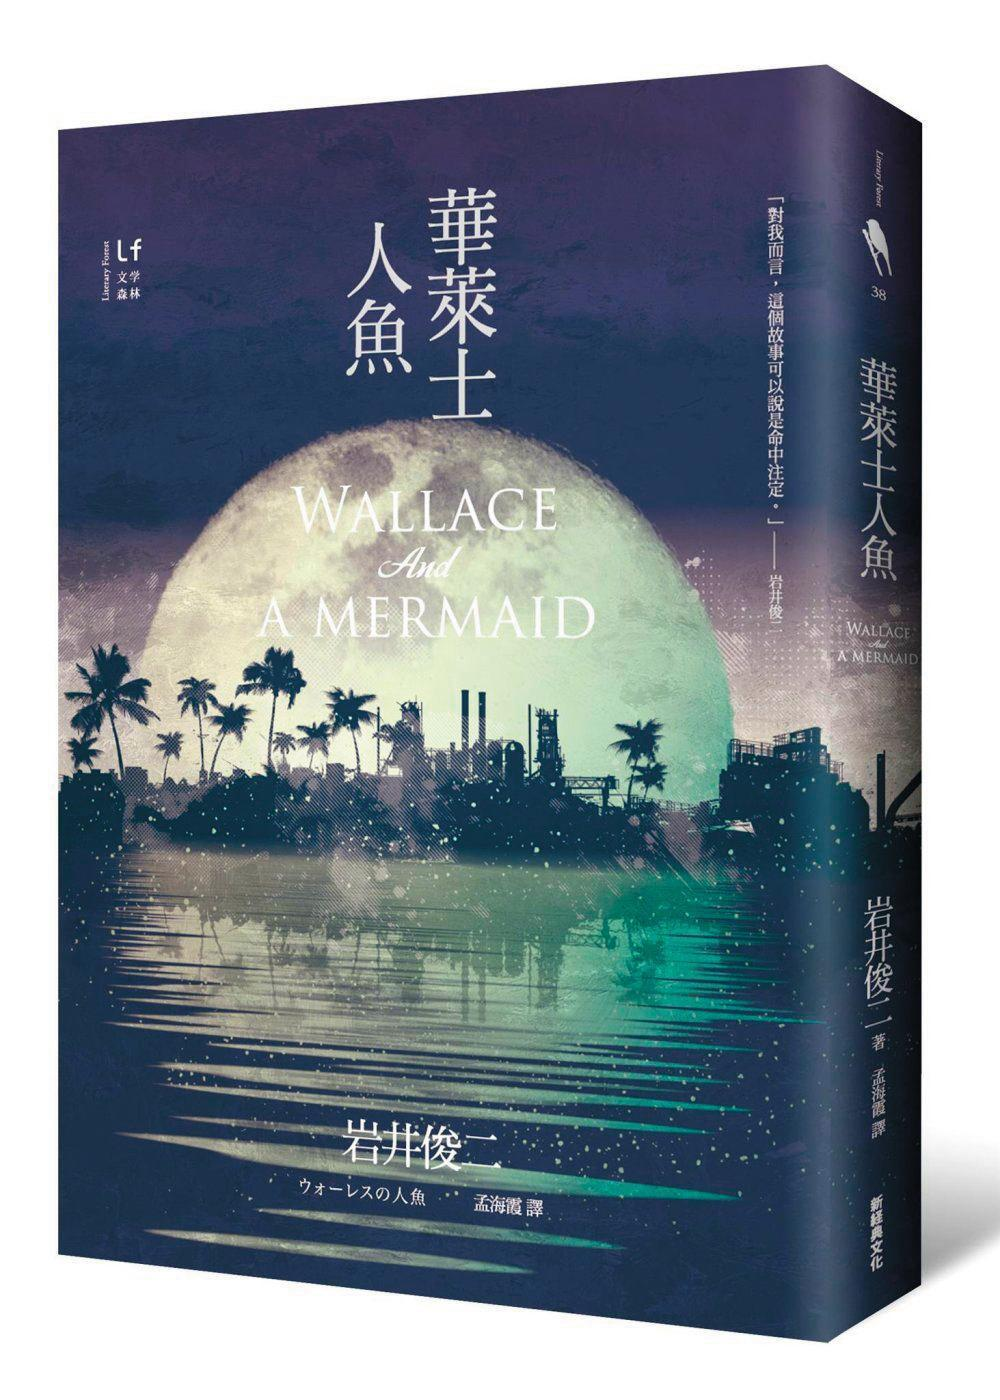 《華萊士人魚》是岩井俊二具有科幻色彩的小說。(翻攝自博客來網站)